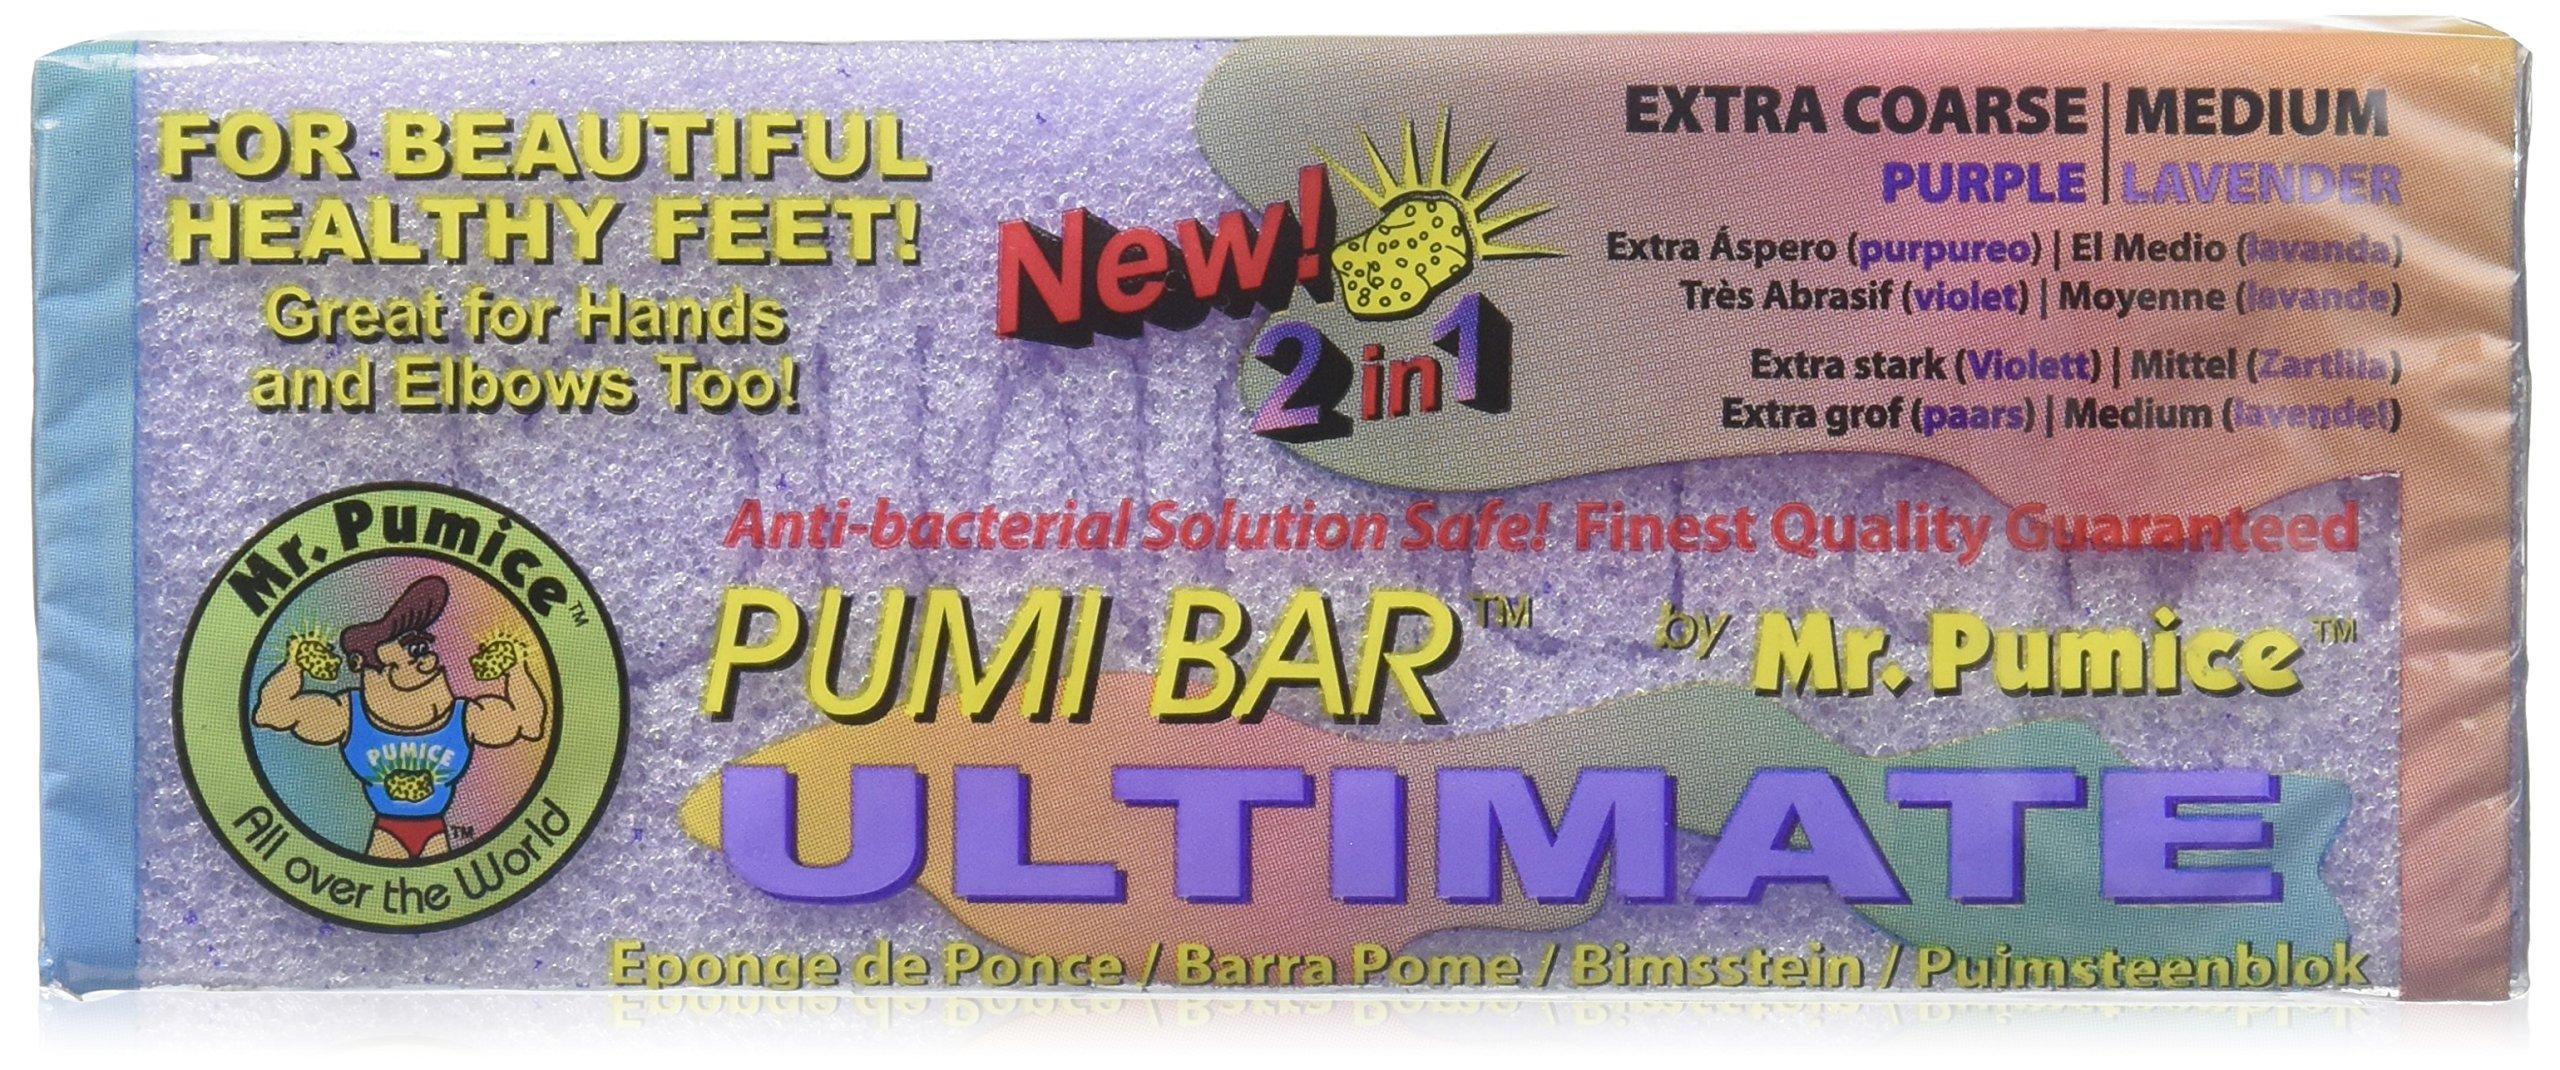 Mr. Pumice Ultimate Pumi Bar 2 in 1 (Coarse/Medium), Lavender/Purple, 1 piece